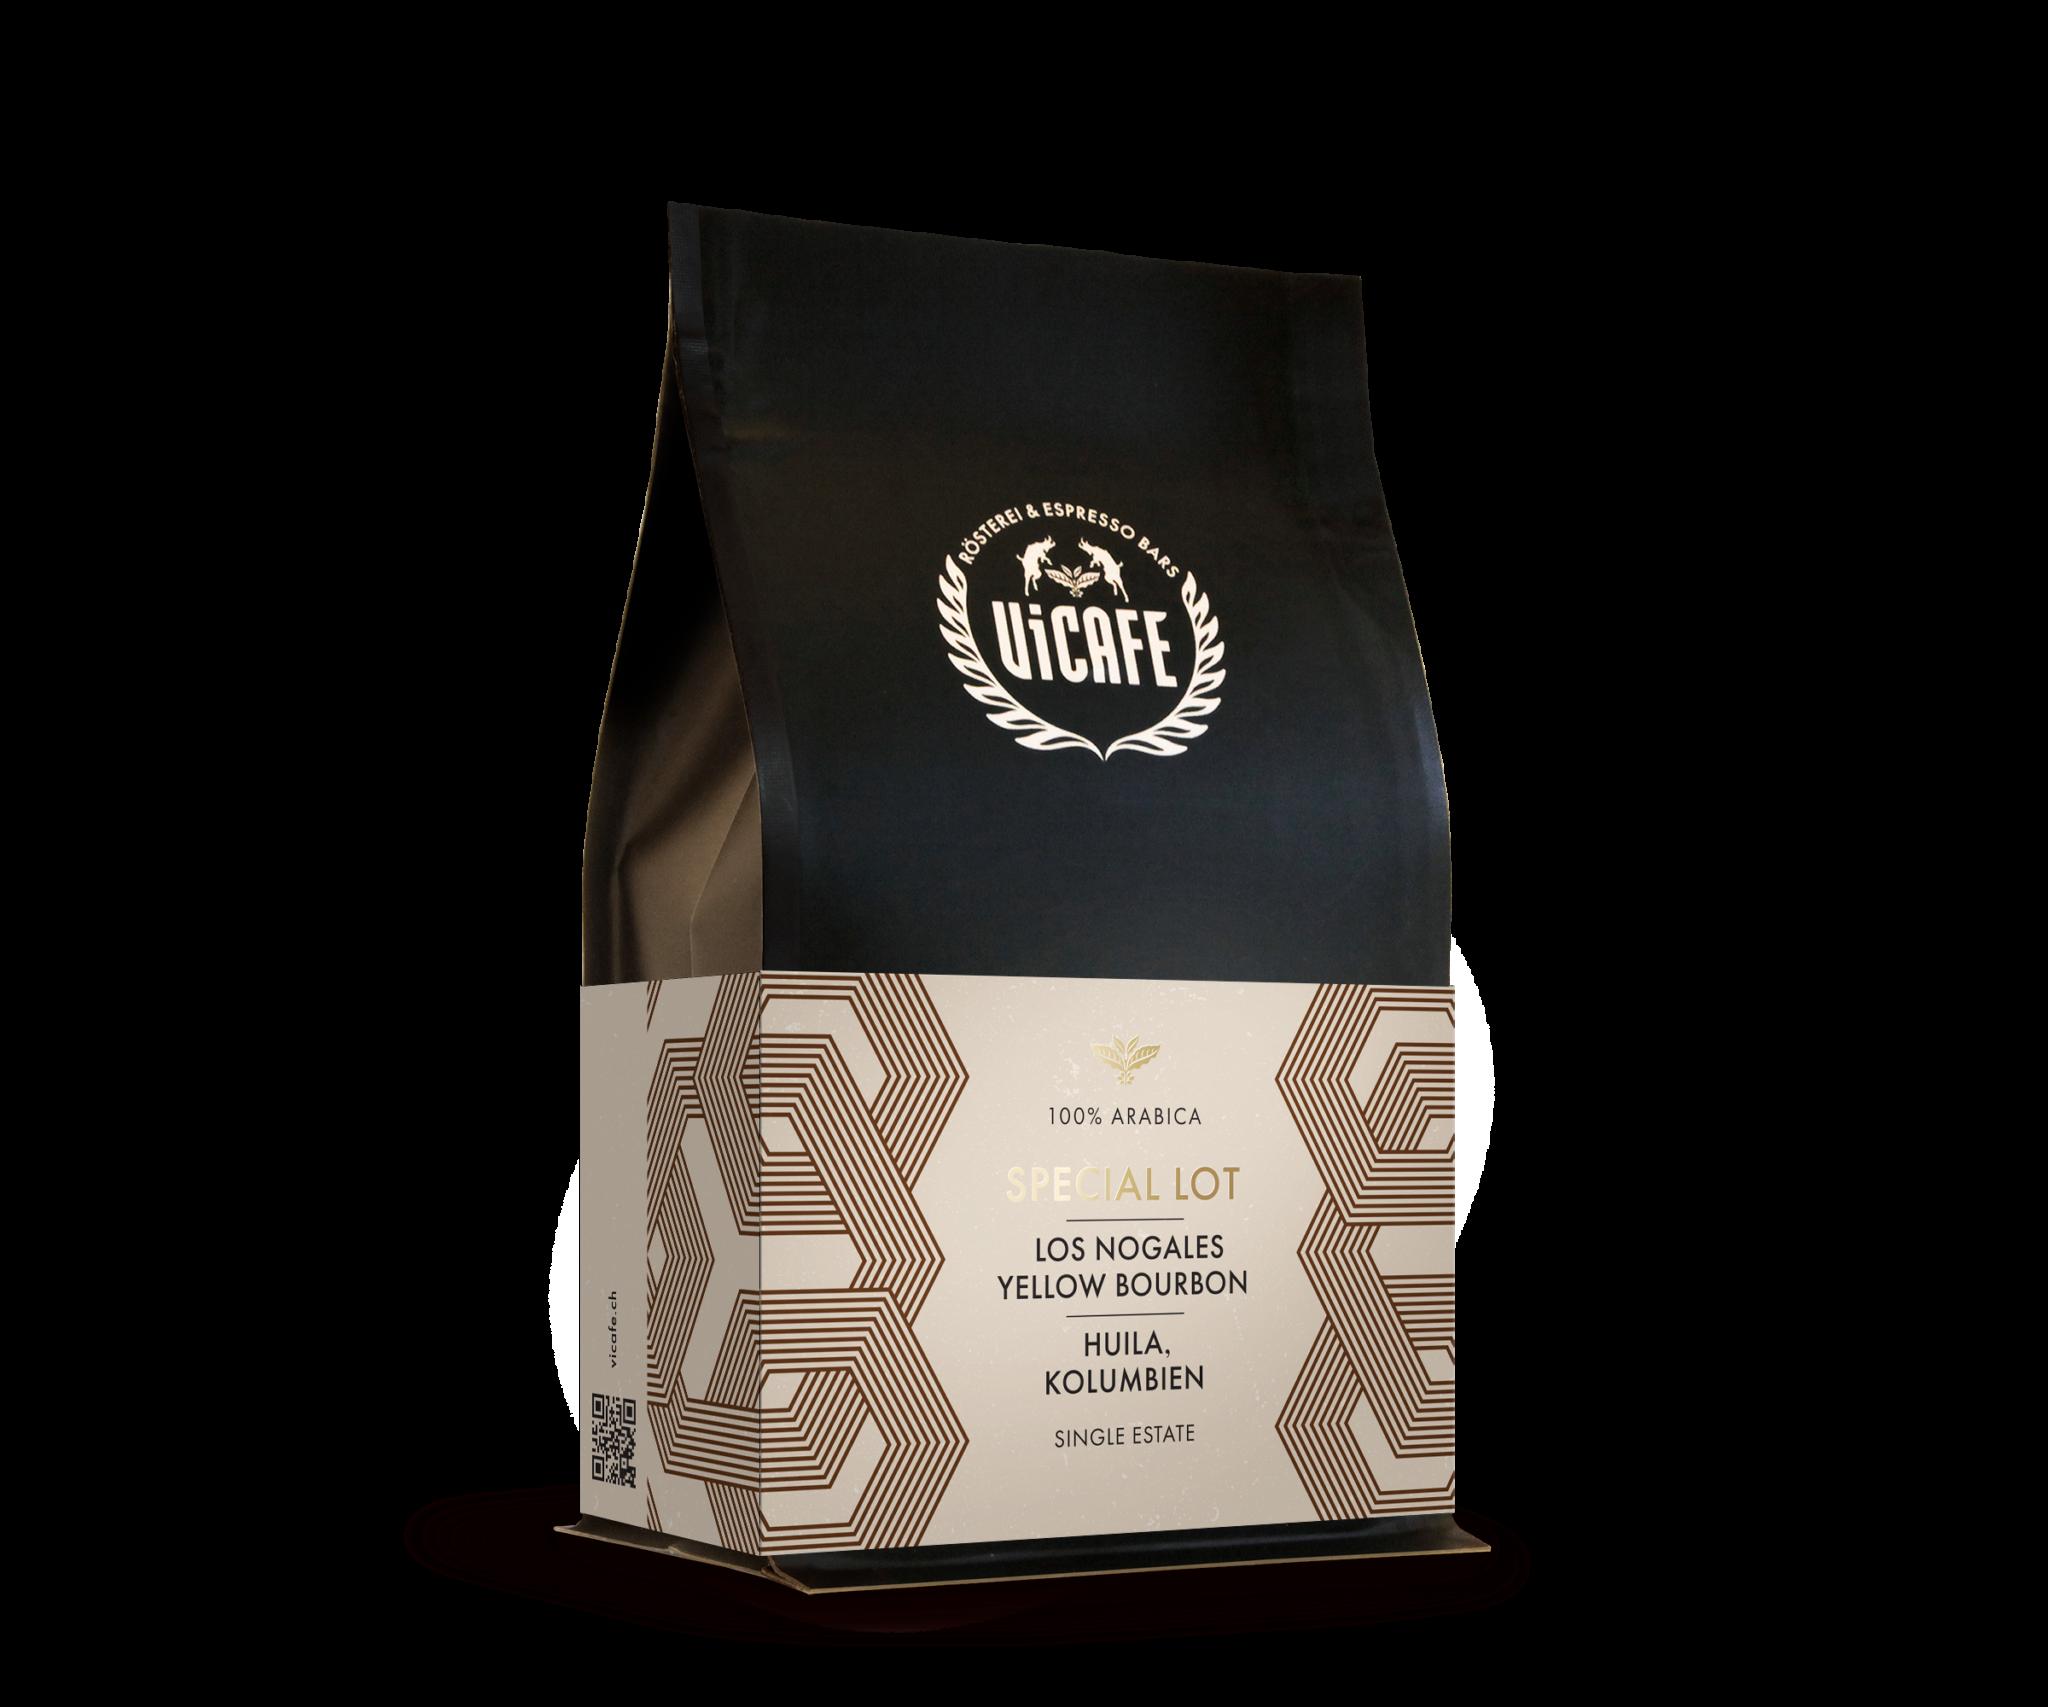 ViCAFE Special Lot: Finca Los Nogales Yellow Bourbon, Coffee